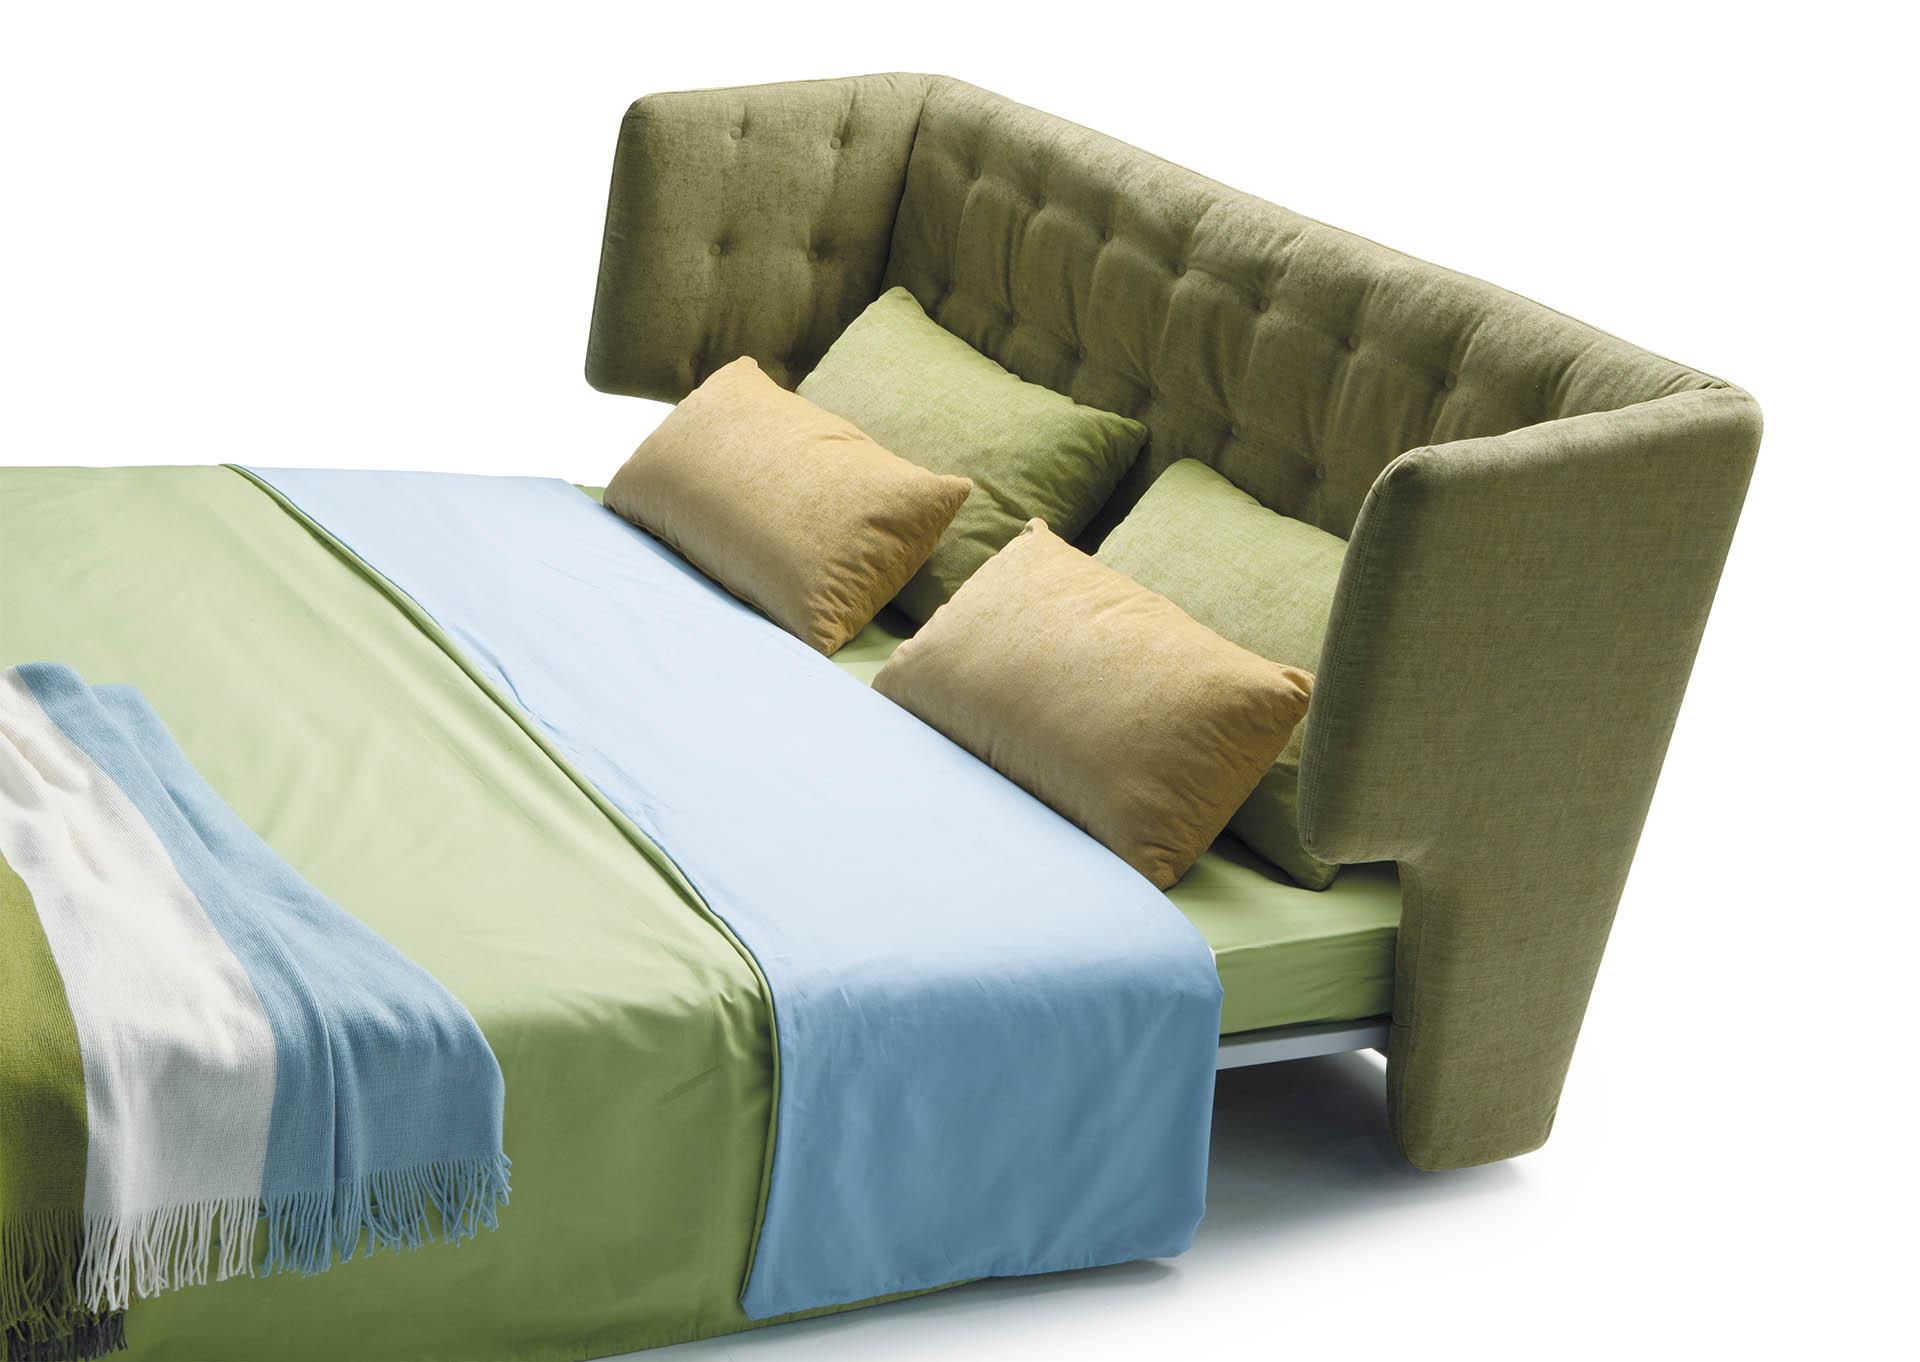 milano bedding divano letto dorsey. Black Bedroom Furniture Sets. Home Design Ideas